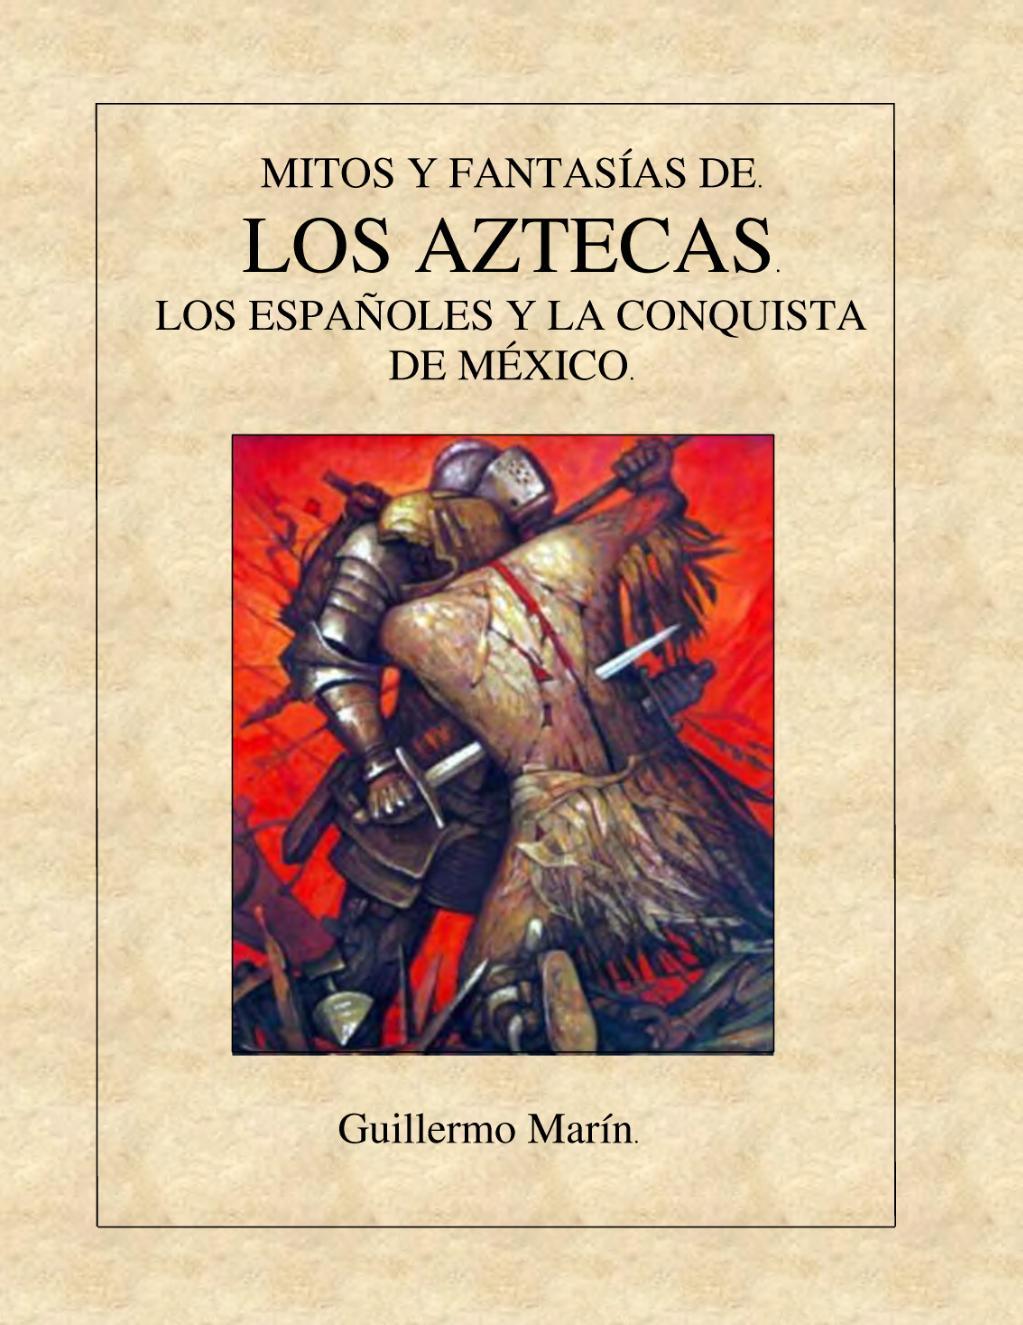 MITOS Y FANTASÍAS DE. LOS AZTECAS. LOS ESPAÑOLES Y LA CONQUISTA DE MÉXICO. Libro.